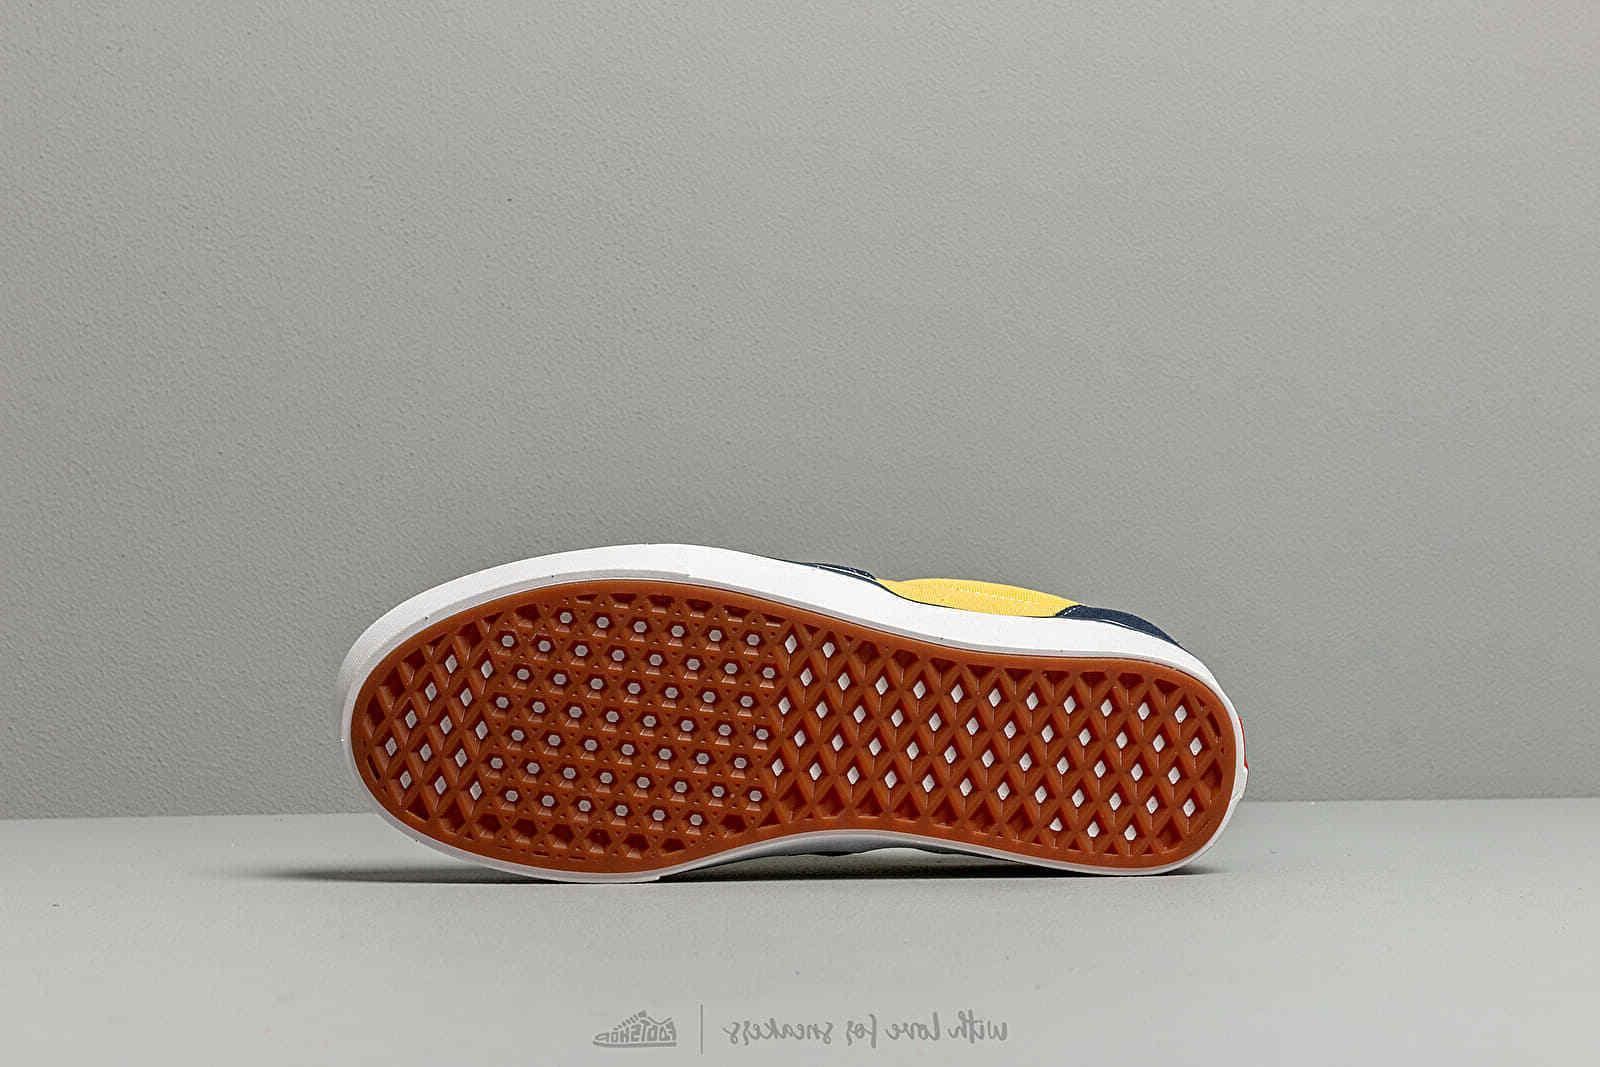 Vans Comfycush Suede/Canvas Dress Skate Shoes Size